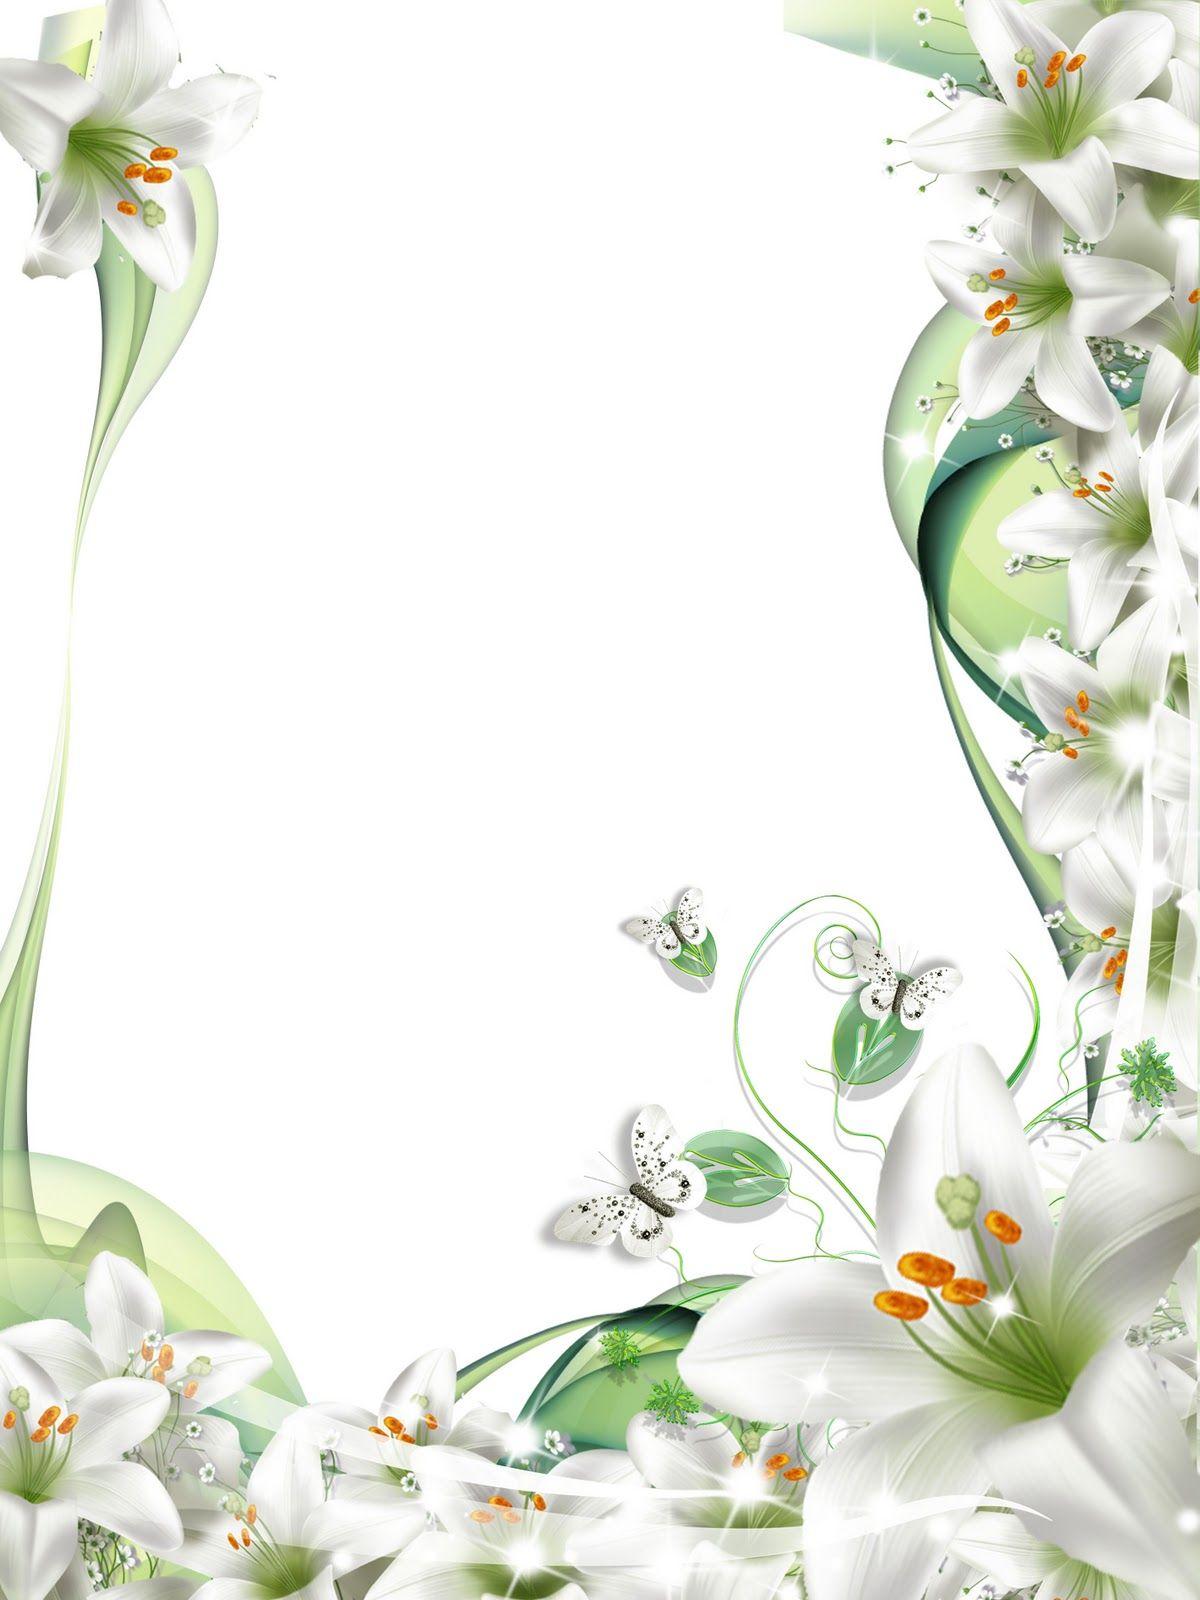 Moldura de flores para fotos moldura para duas fotos duas fotos beautiful flowers pictures moldura de flores para fotos moldura para duas fotos duas fotos com rosas izmirmasajfo